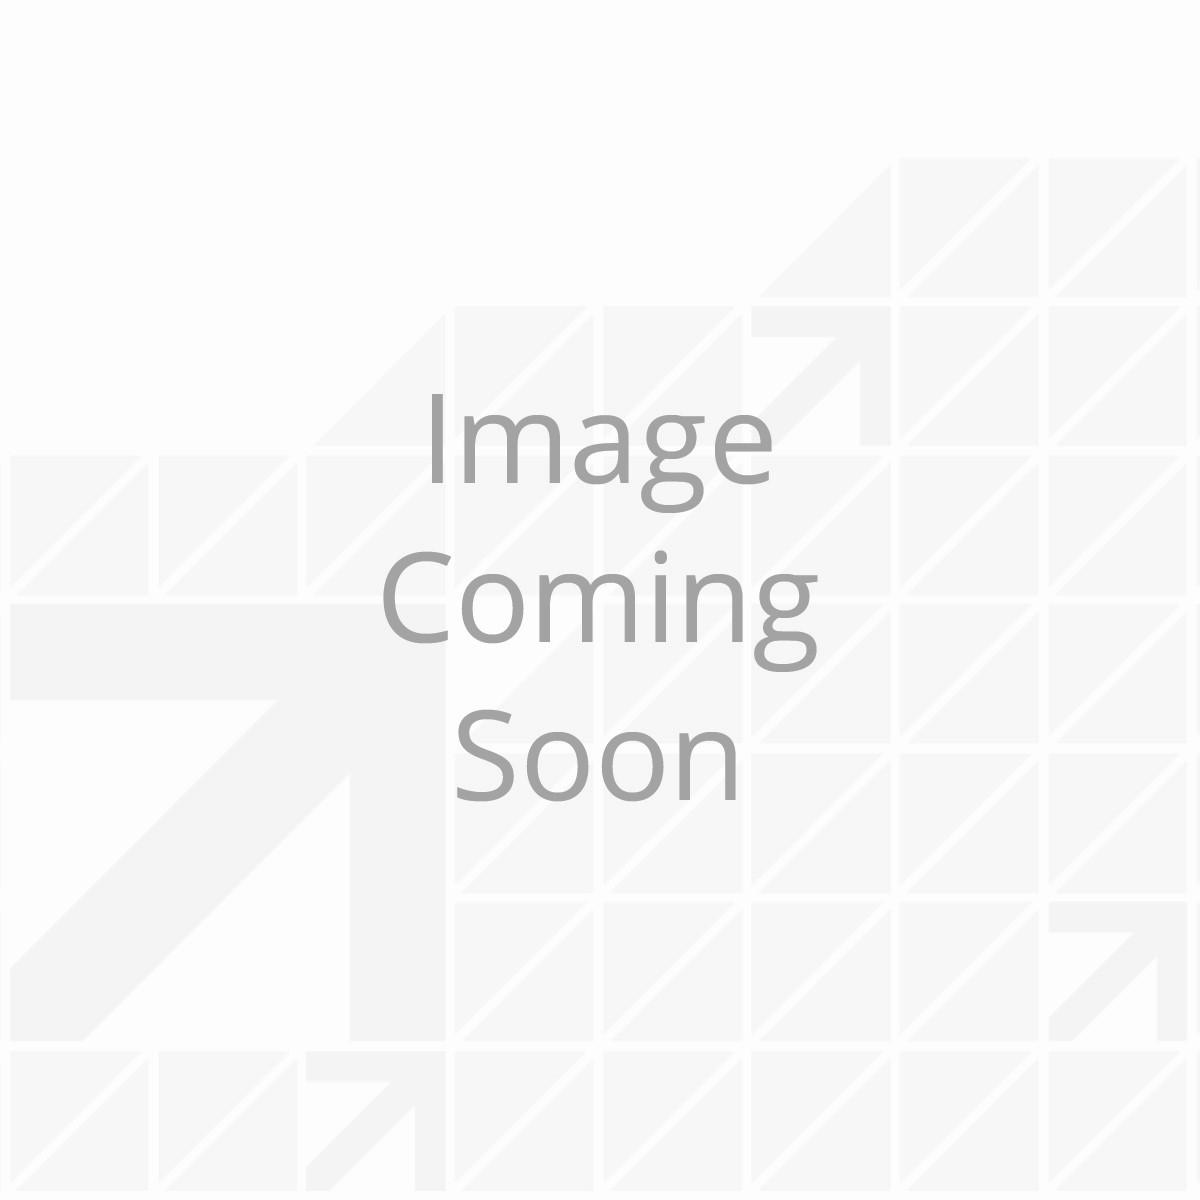 149557_Remote-Cord_001